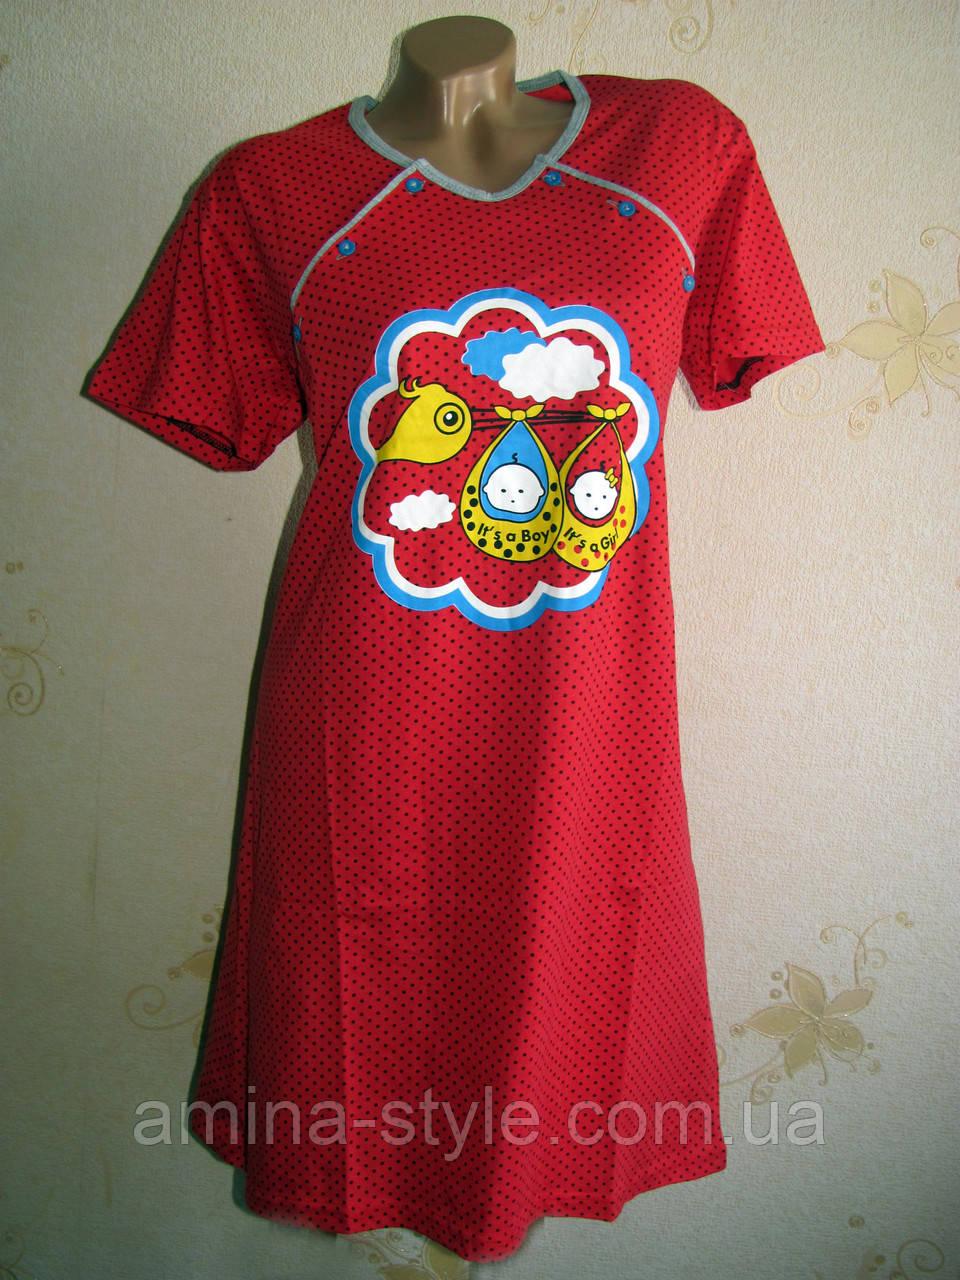 Женская ночная рубашка для беременных и кормлящих, 50-52 размер